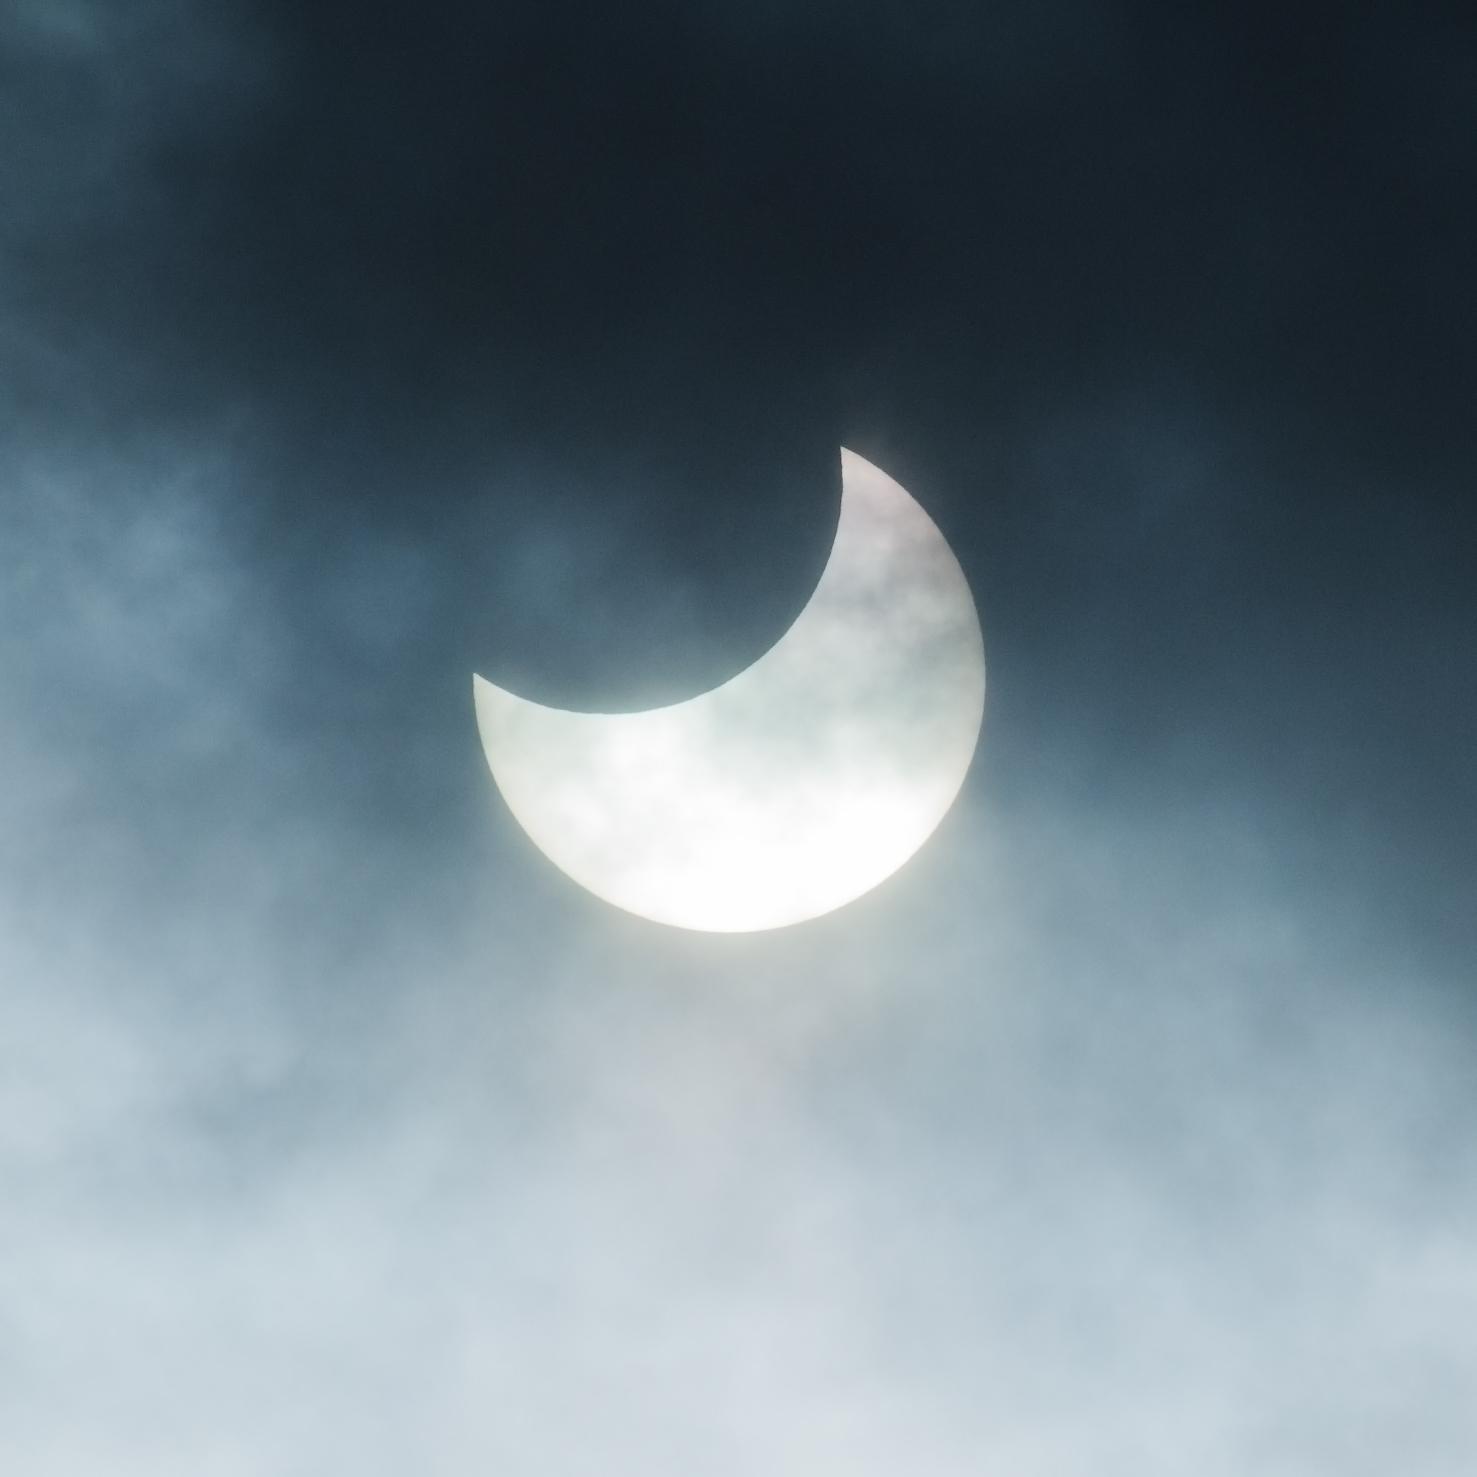 部分日食(19/01/06 10:22:57撮影)